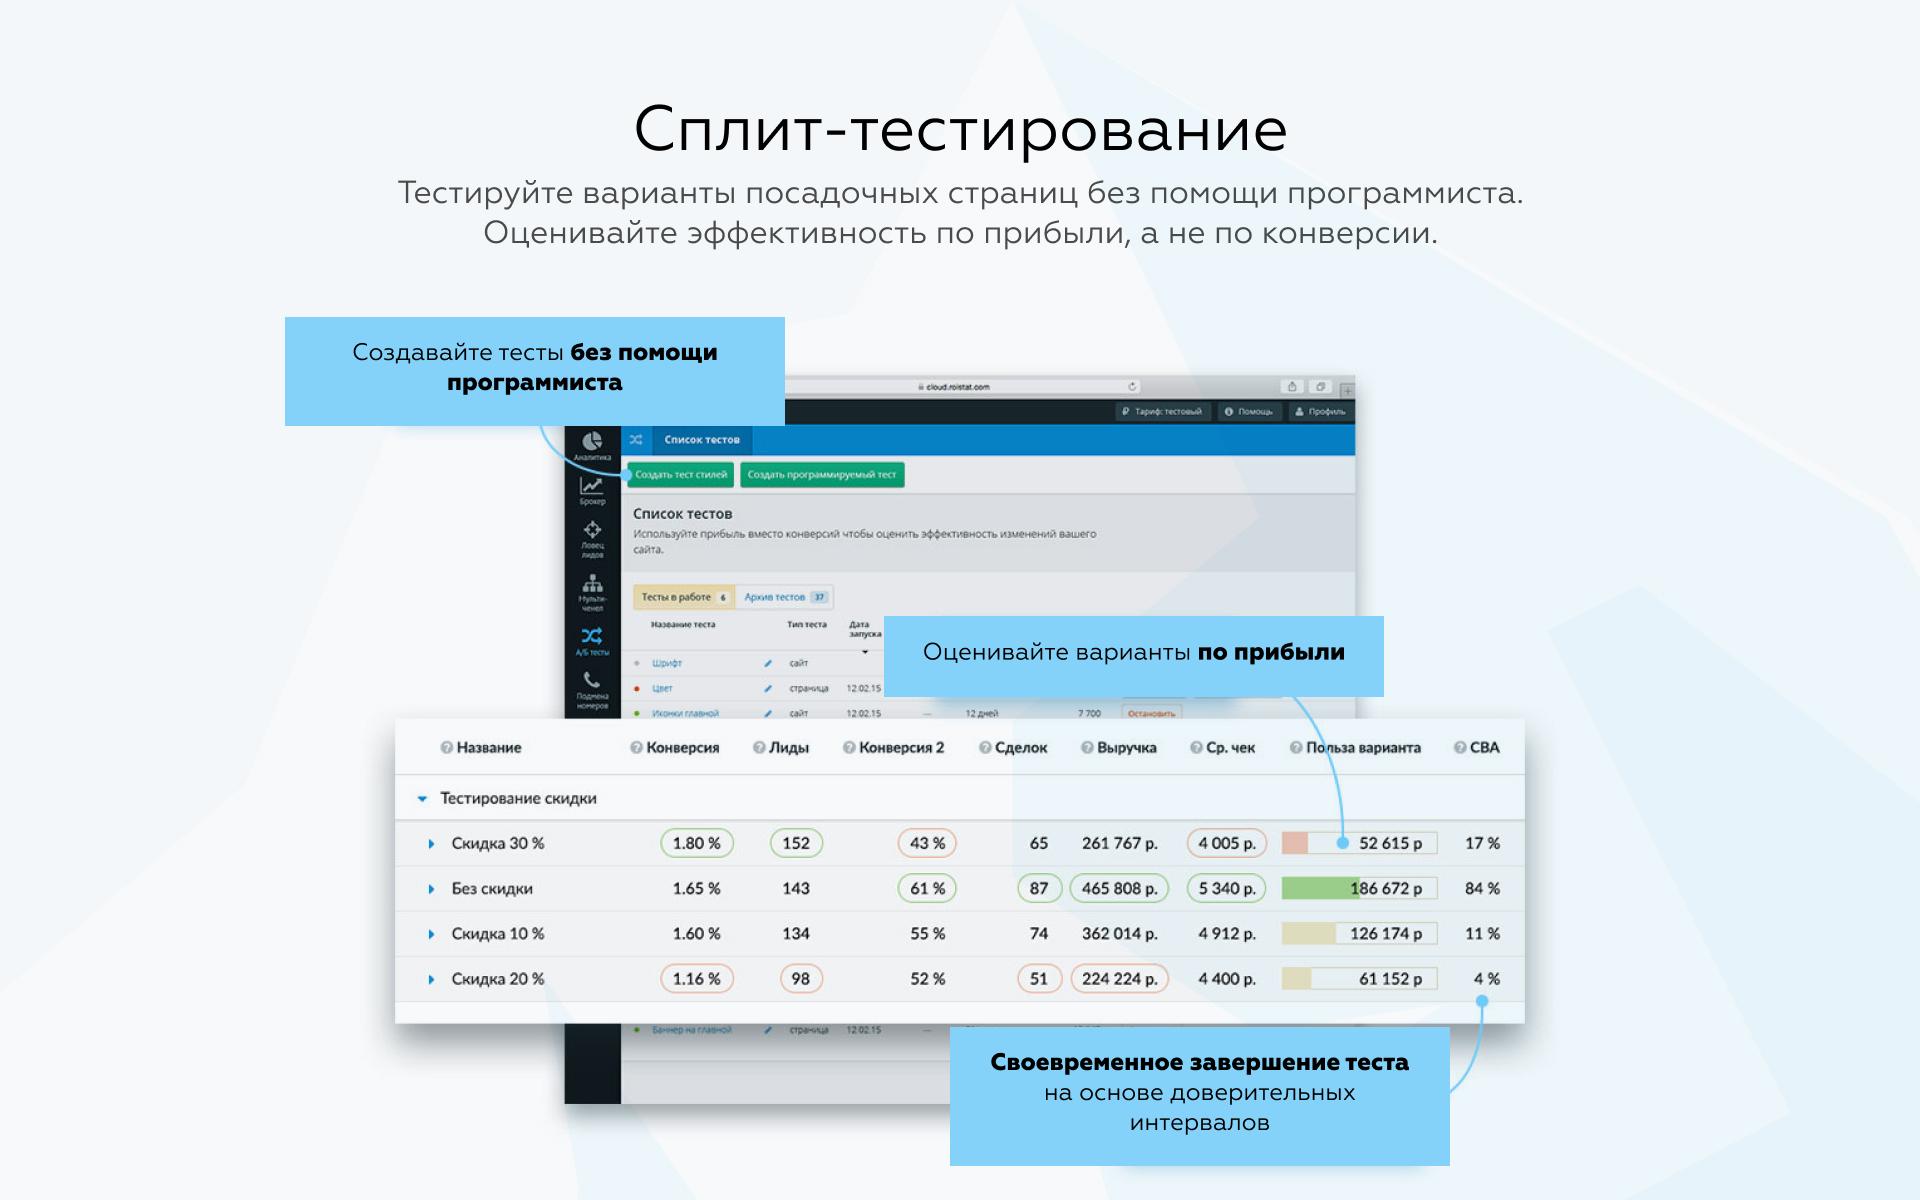 Проверяйте любую гипотезу по вашему сайту, прежде чем принять решение. Сплит-тестирование позволит создать максимально конверсионную посадочную страницу.